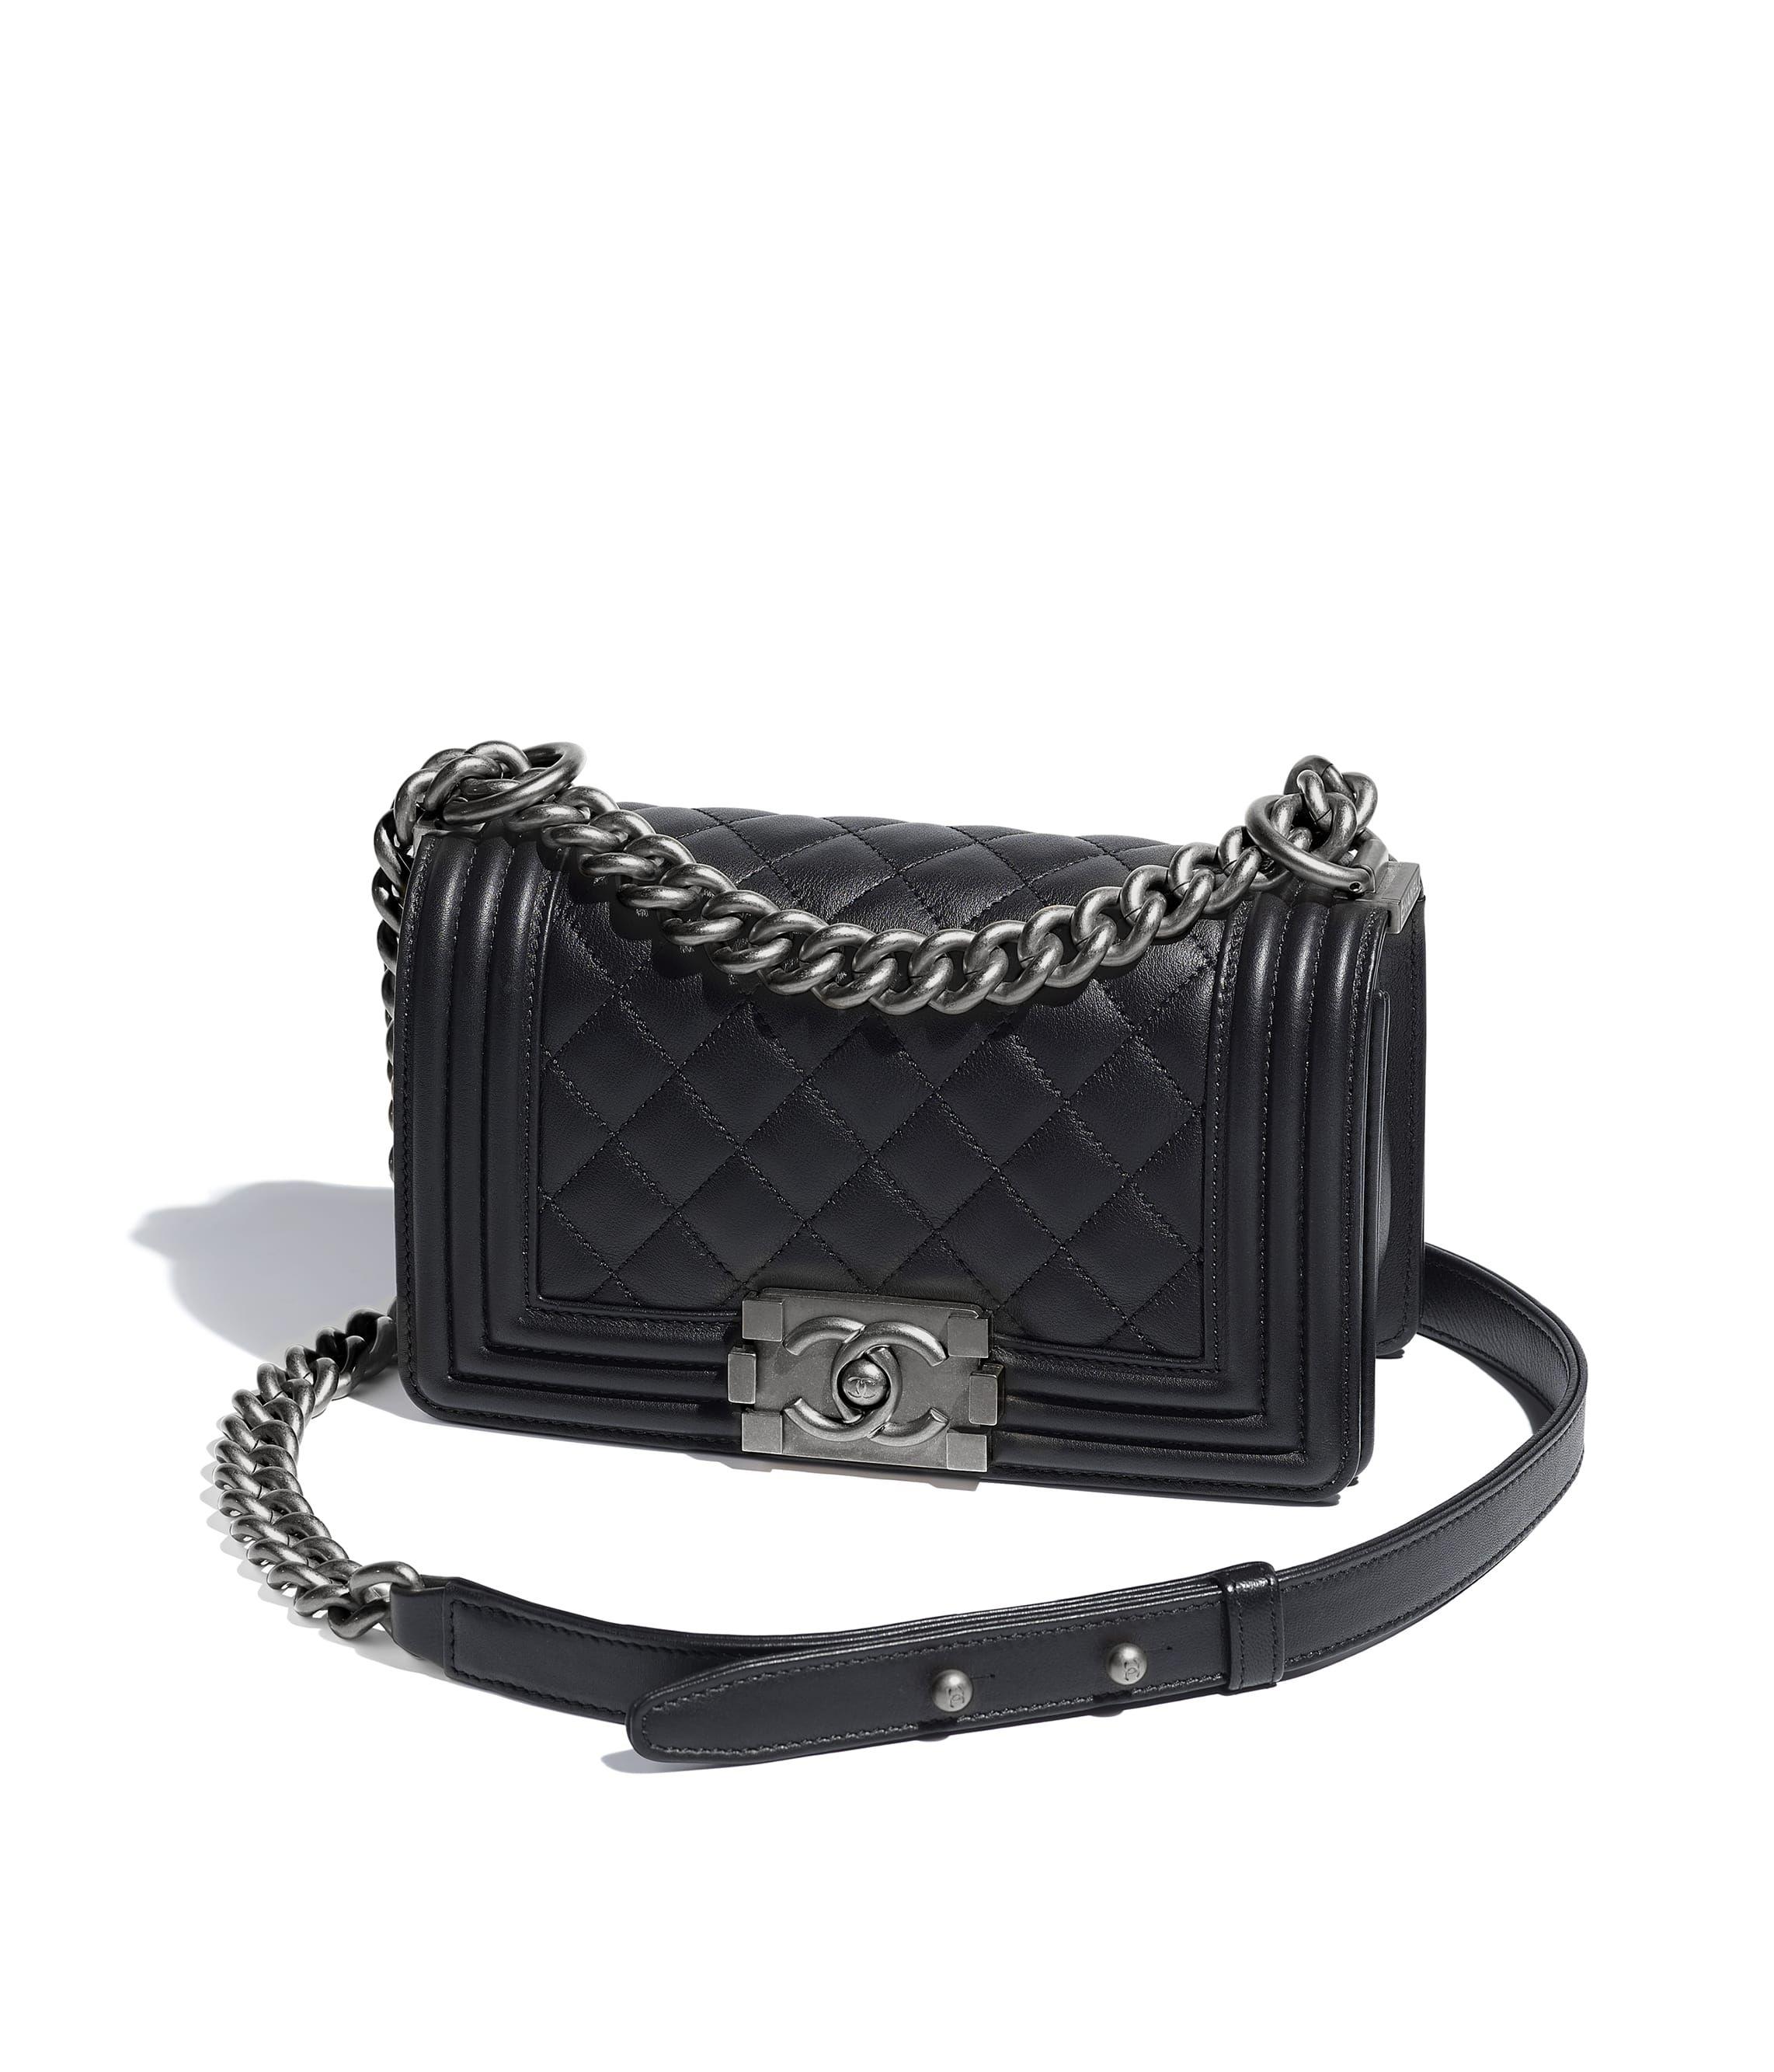 cb1d87ef27d1 Small BOY CHANEL Handbag